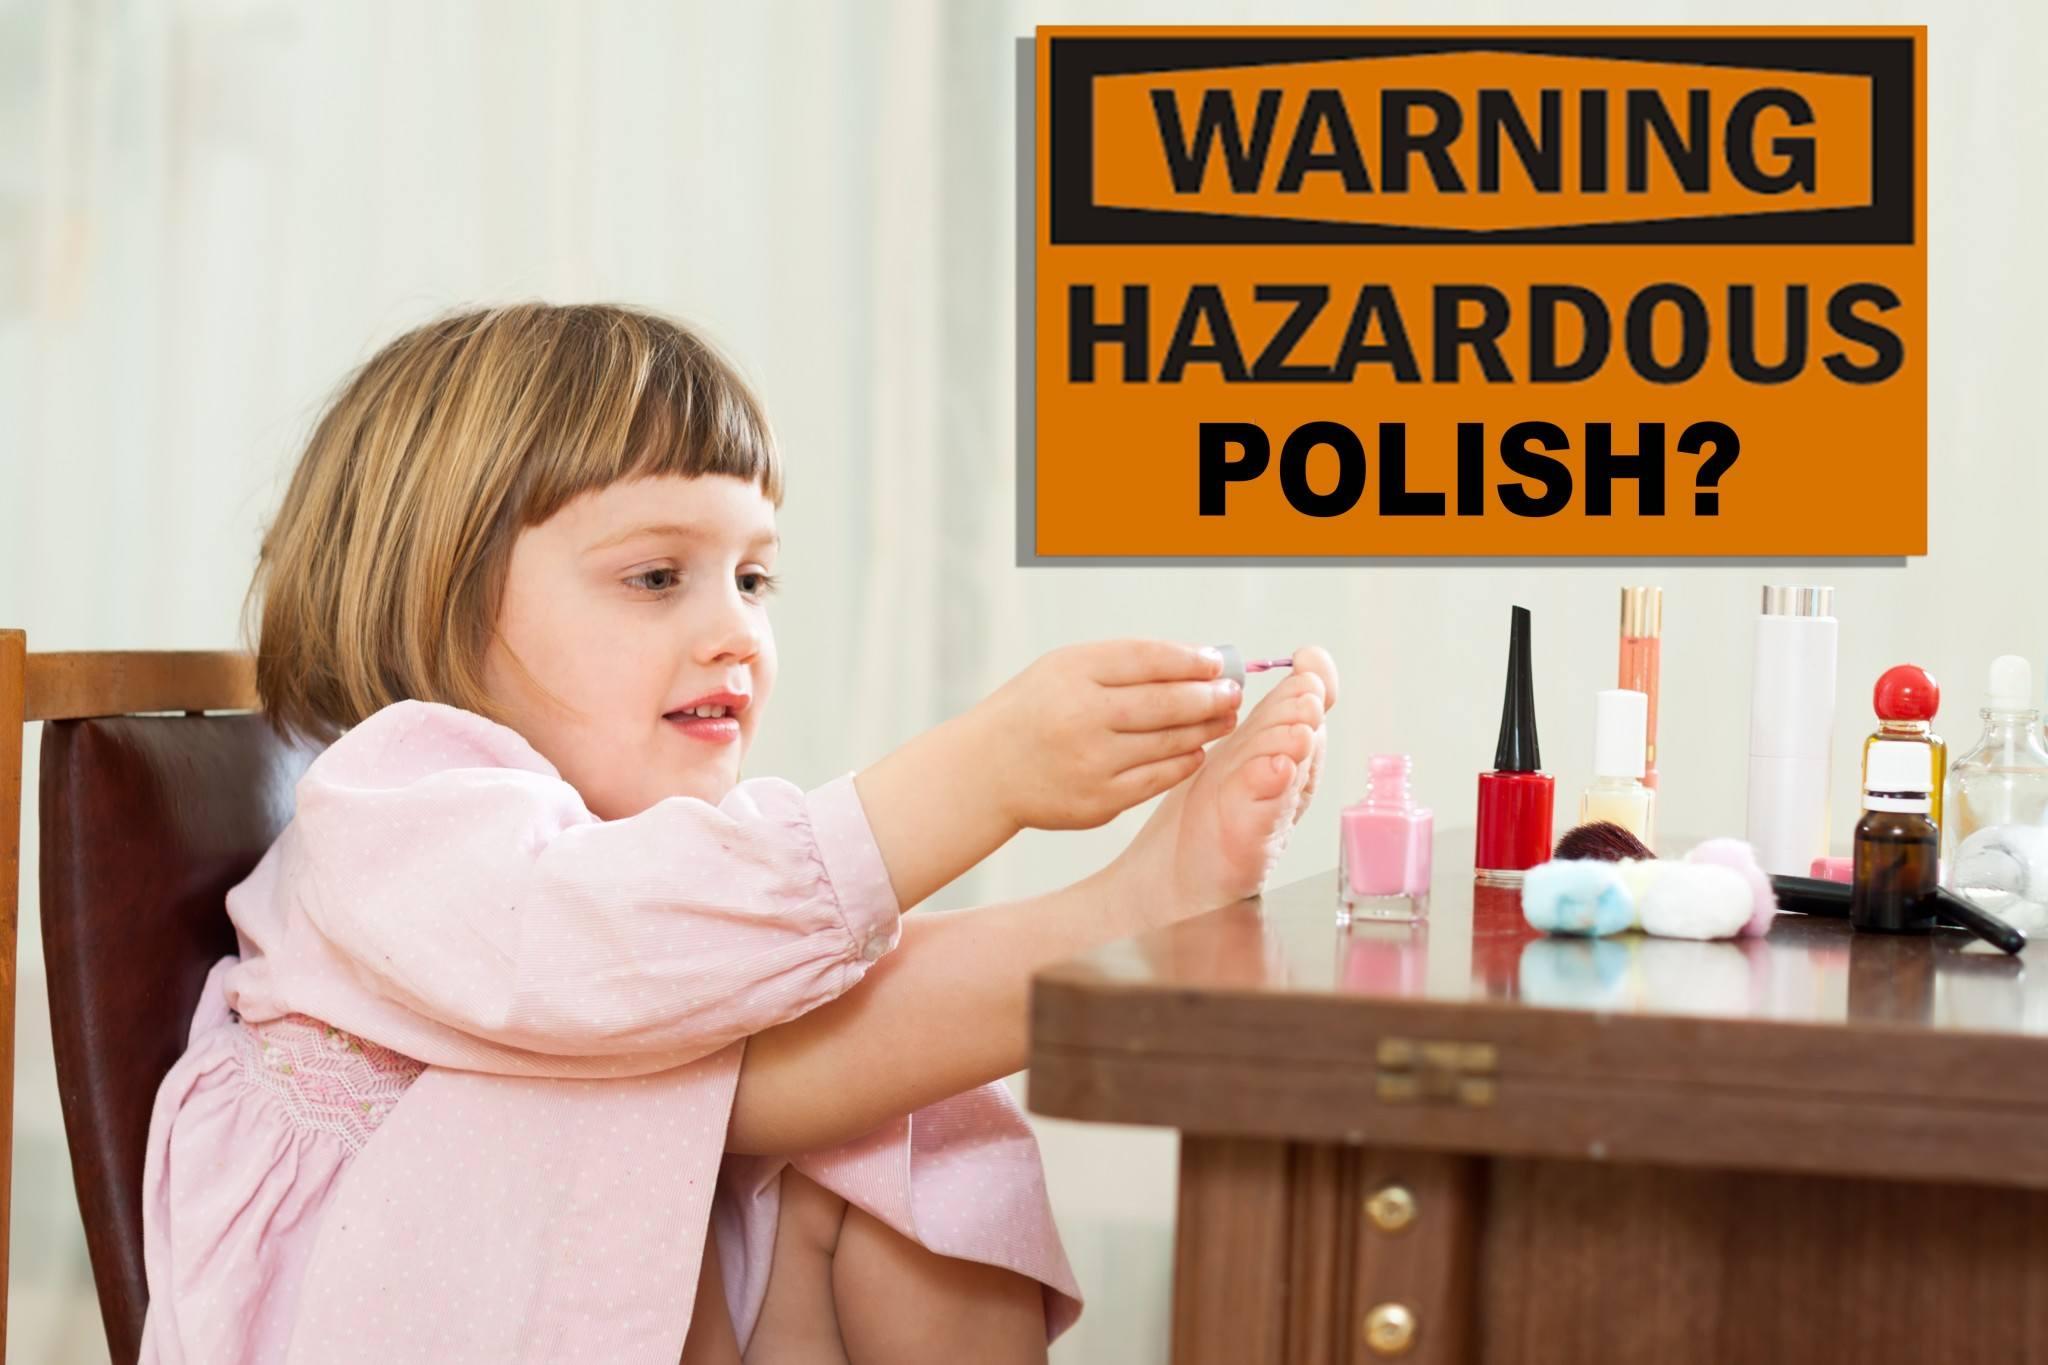 Nail Polish Chemicals & Kids - WARNING!